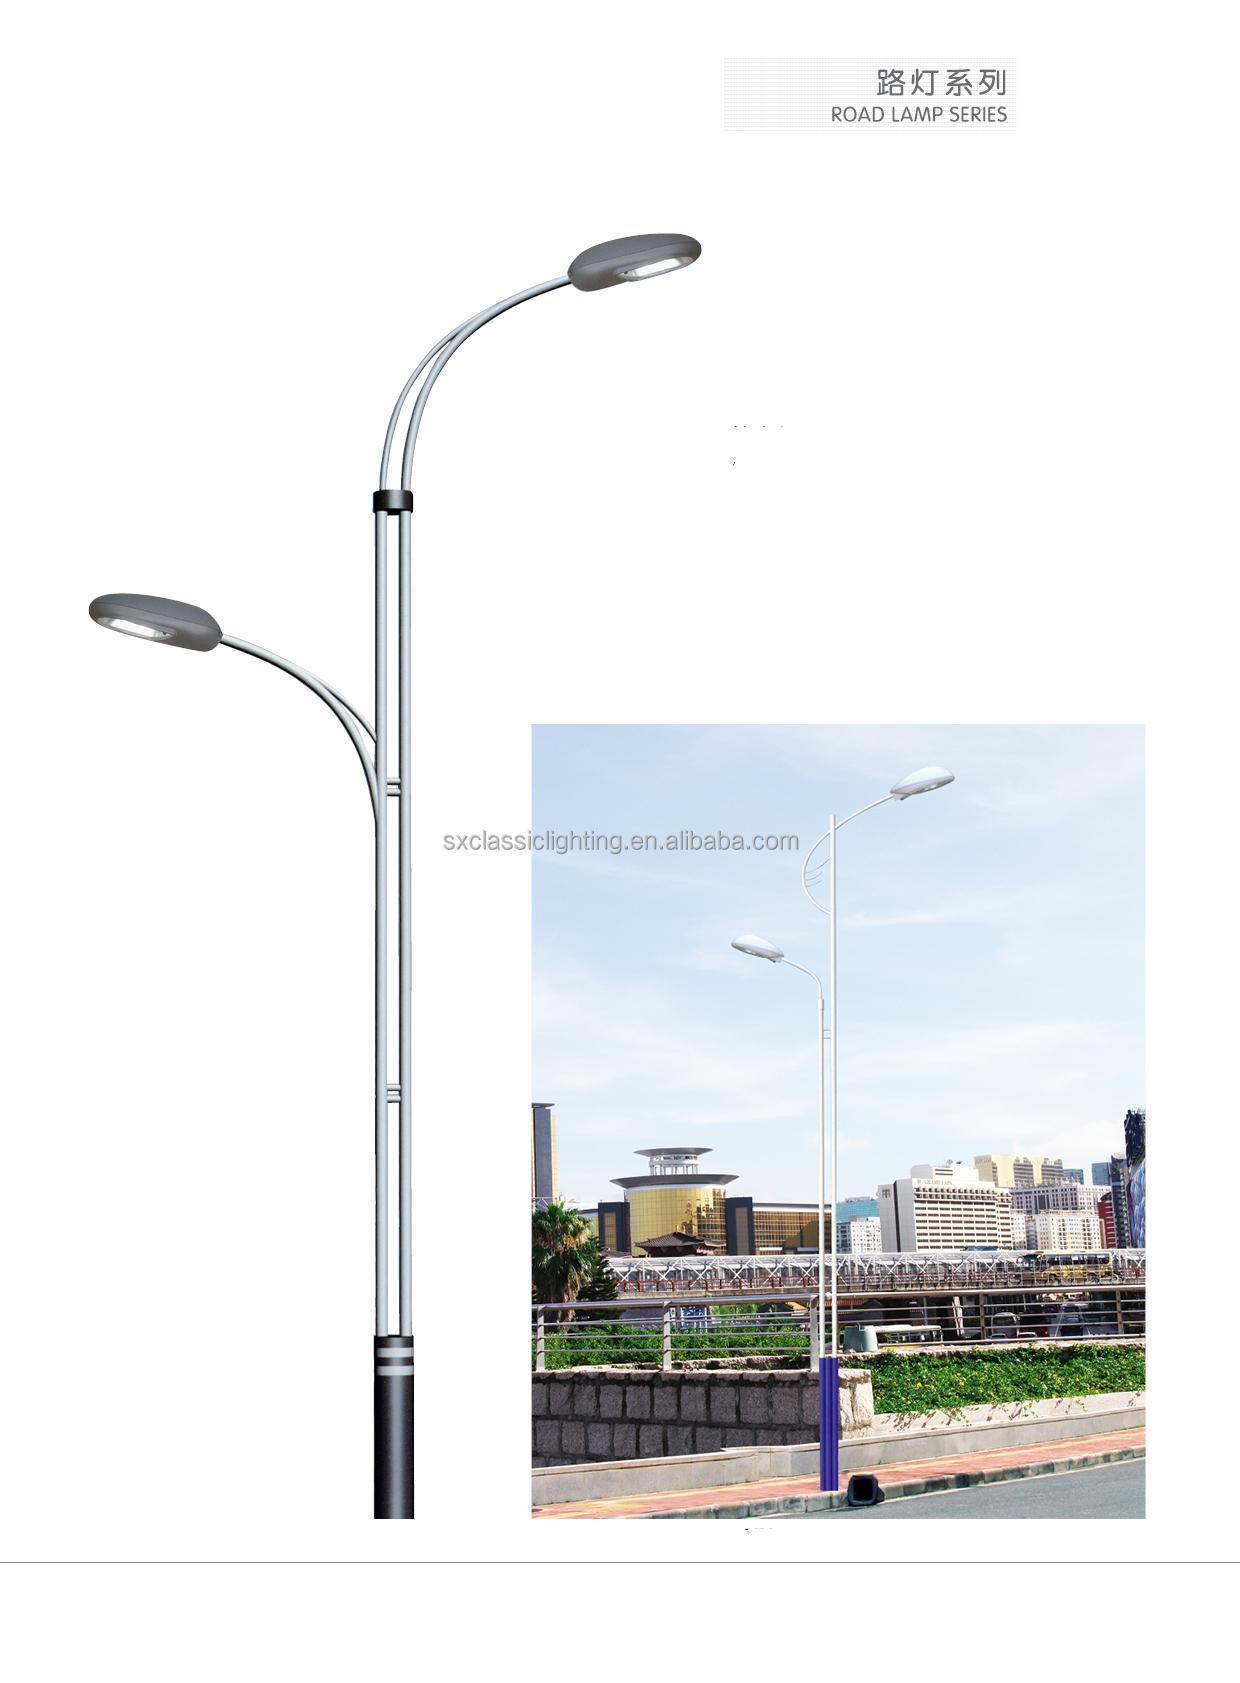 屋外ランプポスト安いストリートライトポール価格マレーシア buy 屋外